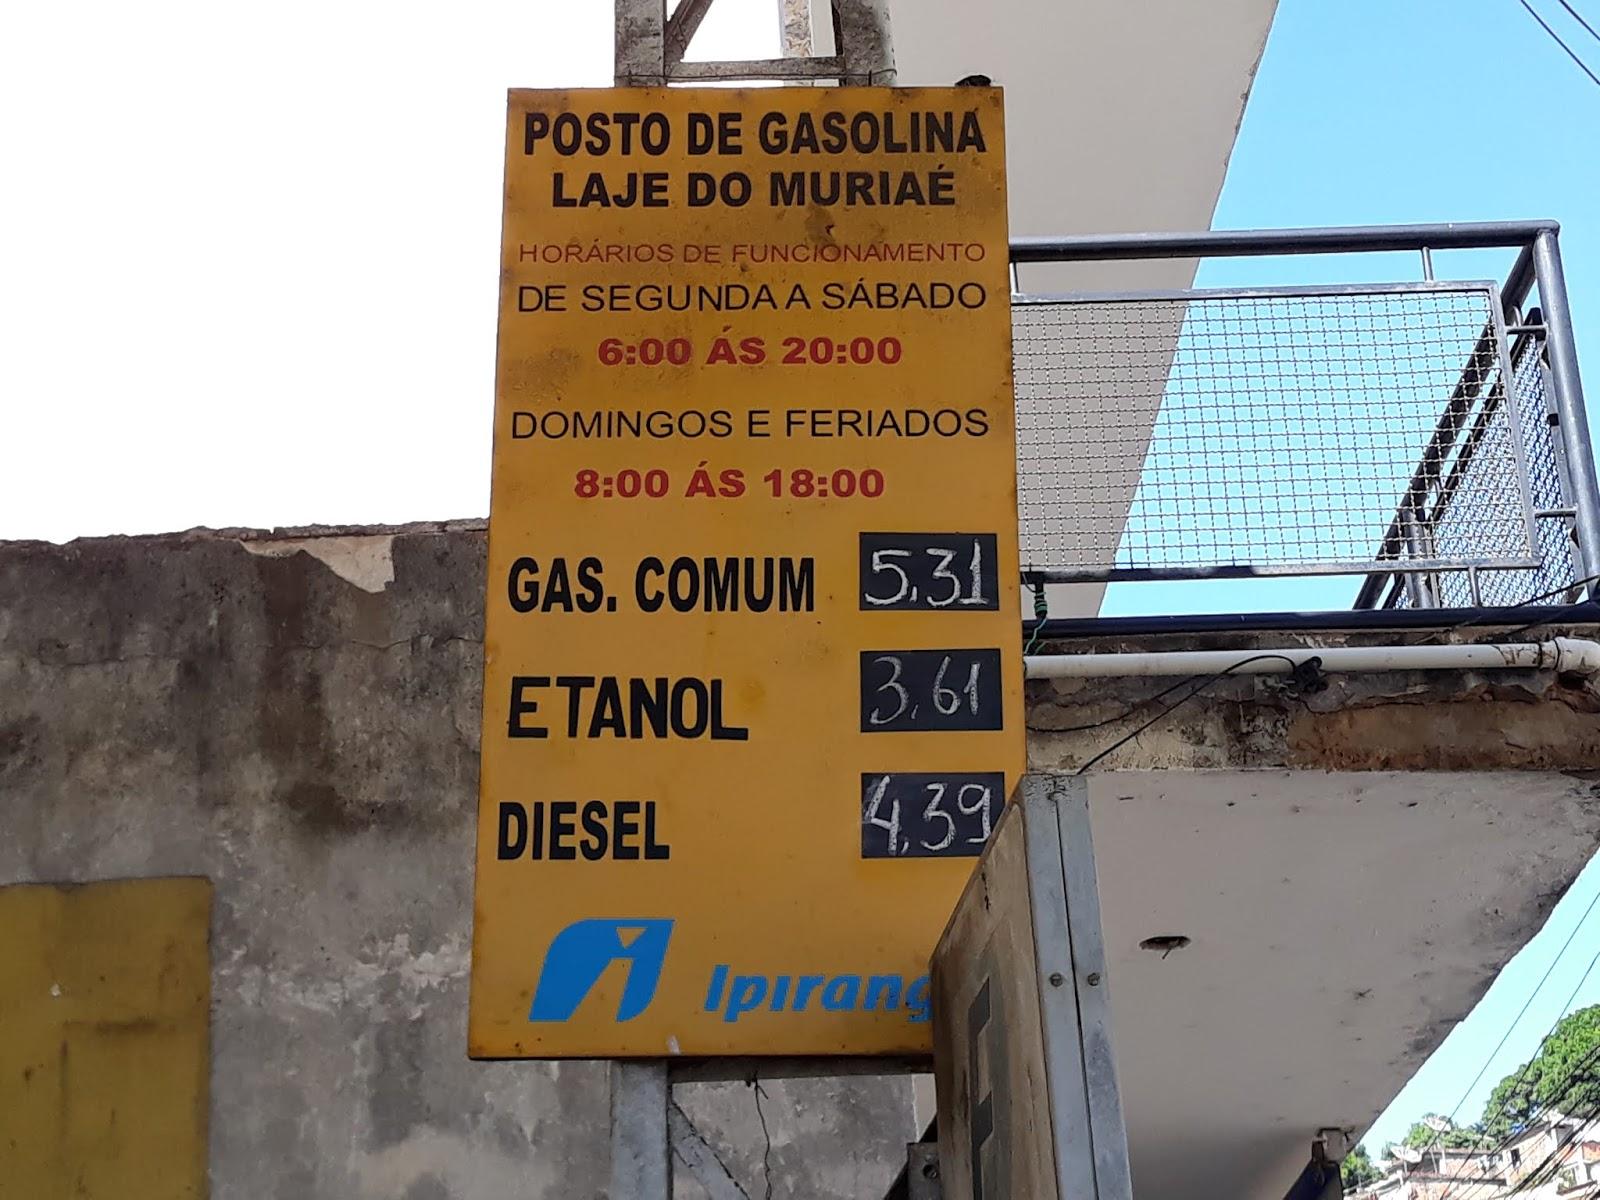 a4c18929cc3 Posto de gasolina de Laje do Muriaé fica sem gasolina e alcool nesta ...